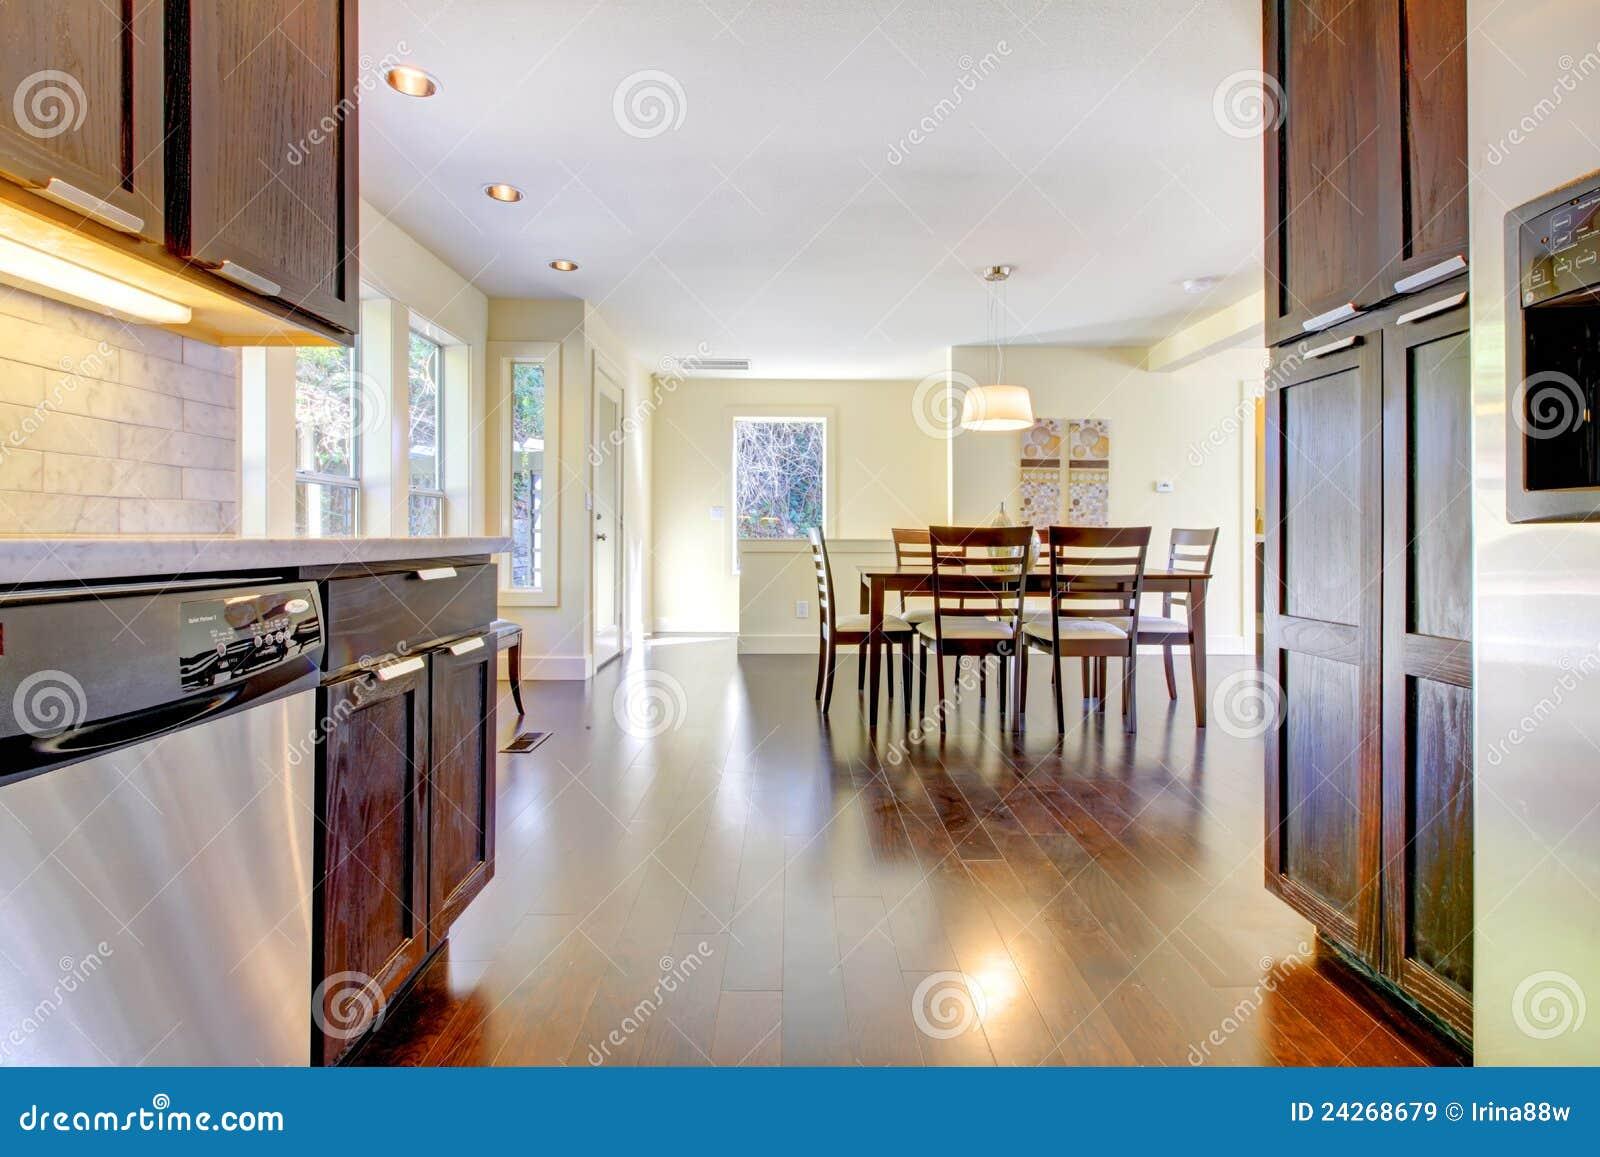 Immagini Stock Libere Da Diritti: Sala Da Pranzo E Cucina Nella Casa  #6F432E 1300 957 Sala Da Pranzo Parquet